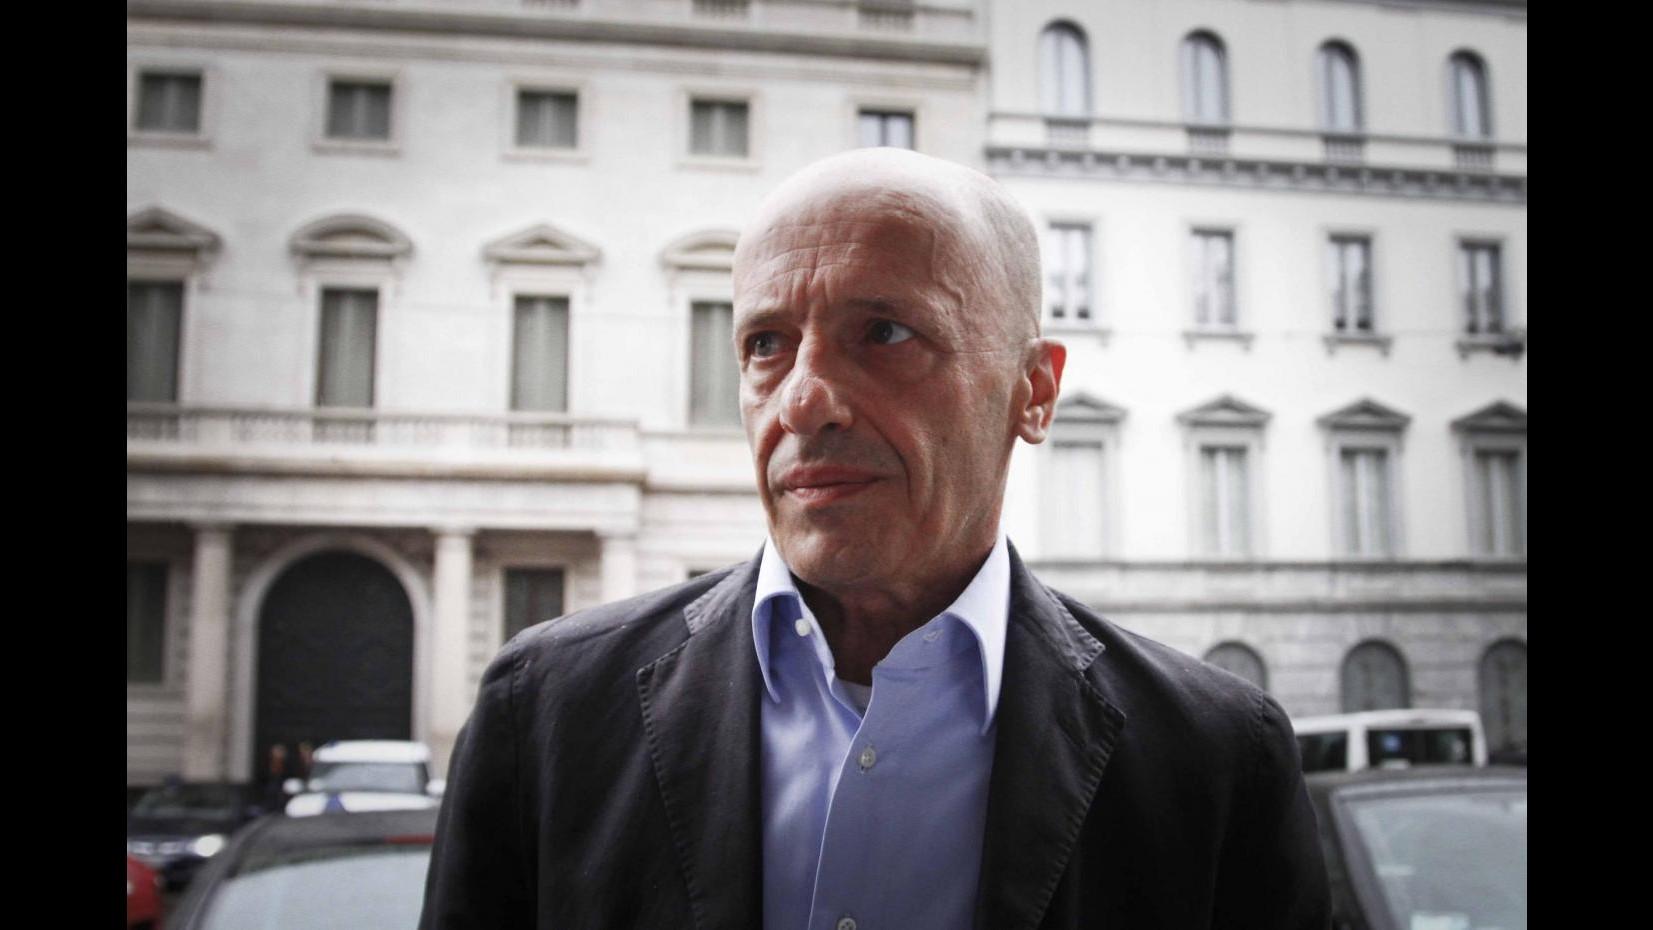 Sallusti, Severino riceve da Napolitano domanda grazia